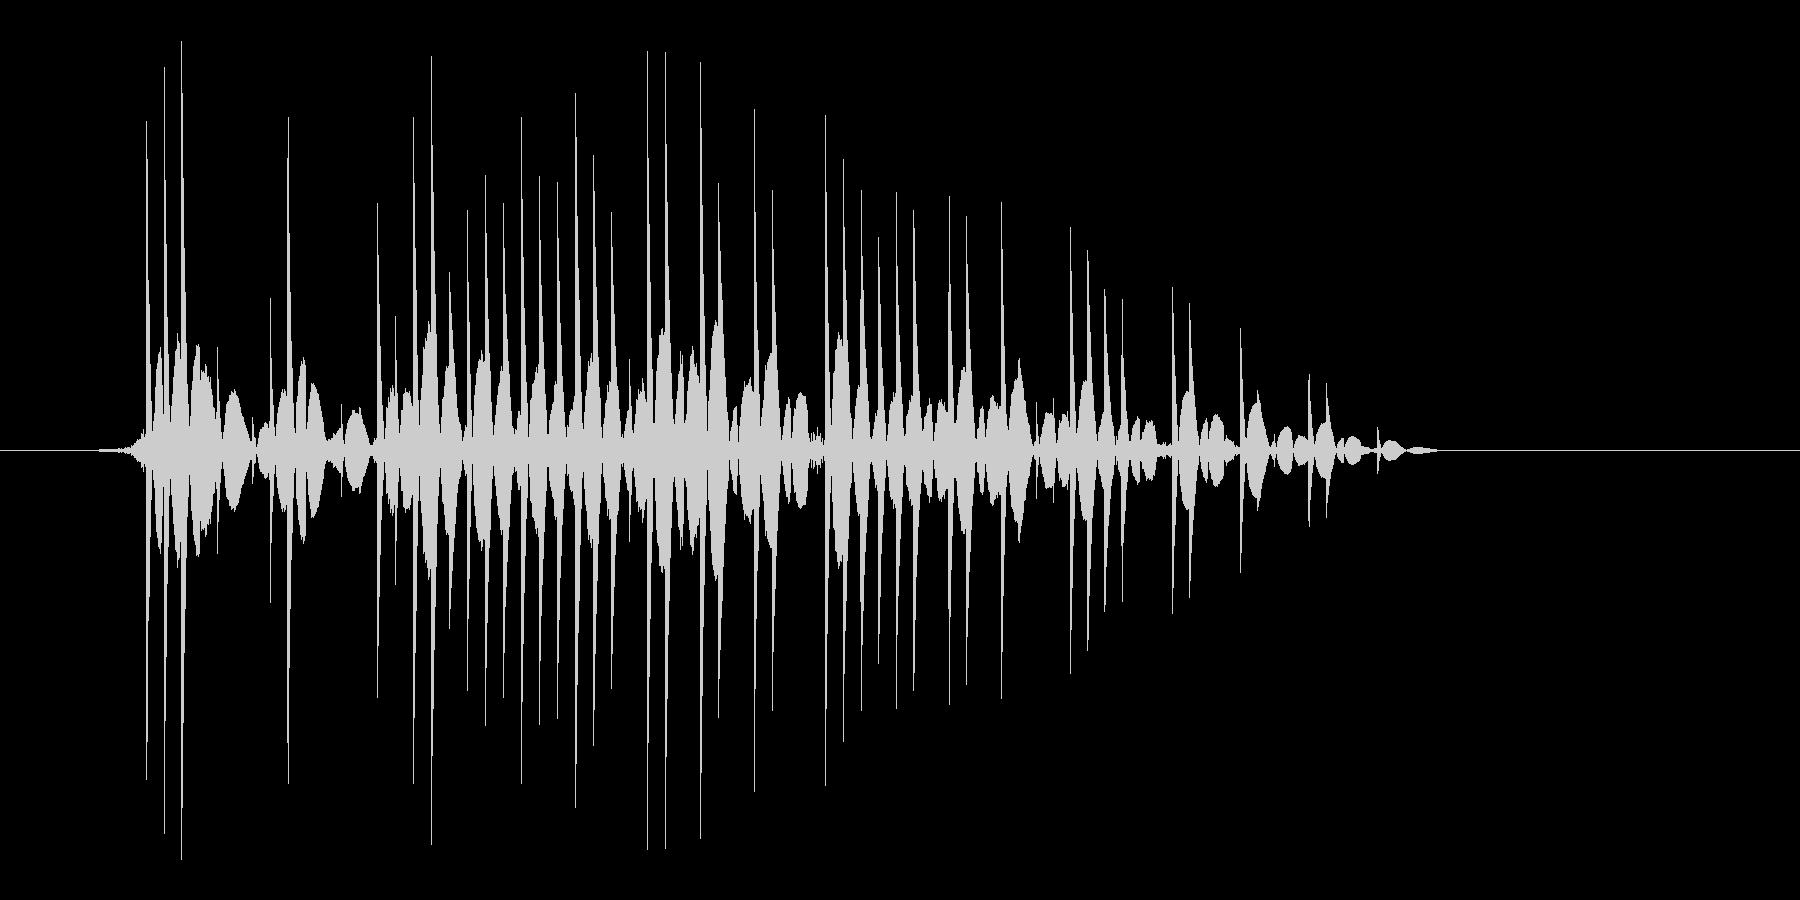 ゲーム(ファミコン風)爆発音_020の未再生の波形